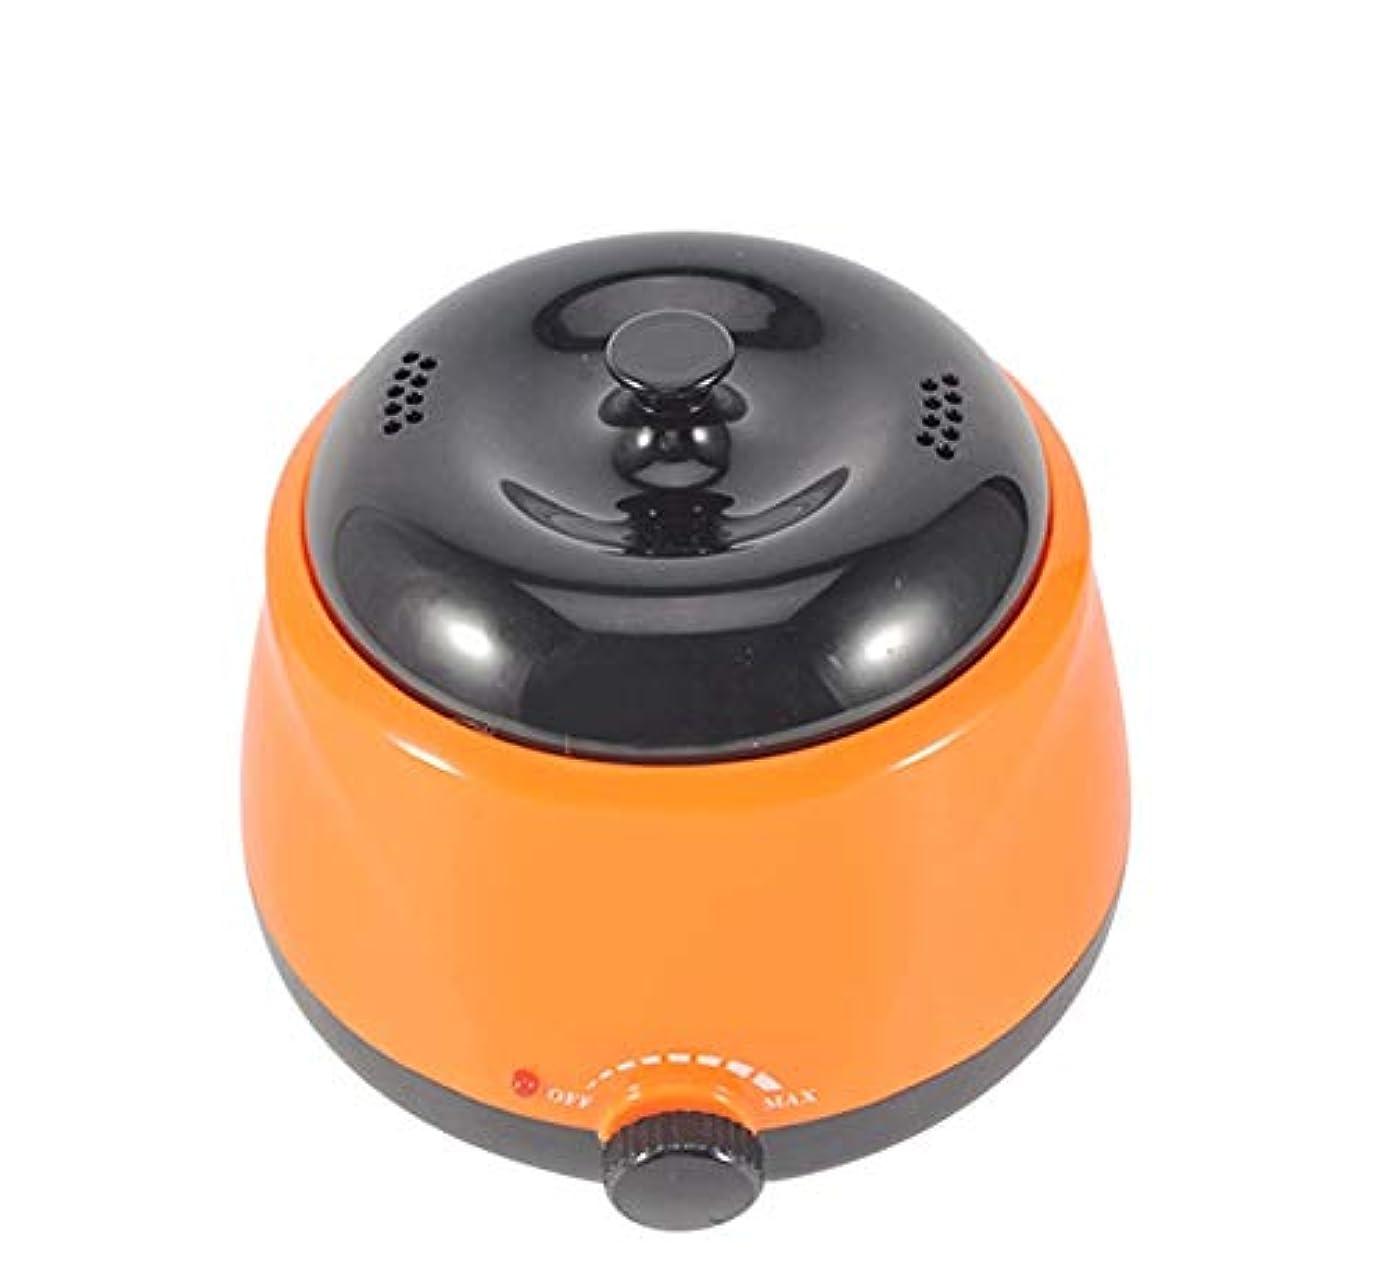 ハンサム拳男ワックスウォーマー電気ワックスヒーター、すべてのWAXSの高速メルトプロフェッショナルヒーター脱毛をワックスがけ脱毛 (Color : オレンジ)